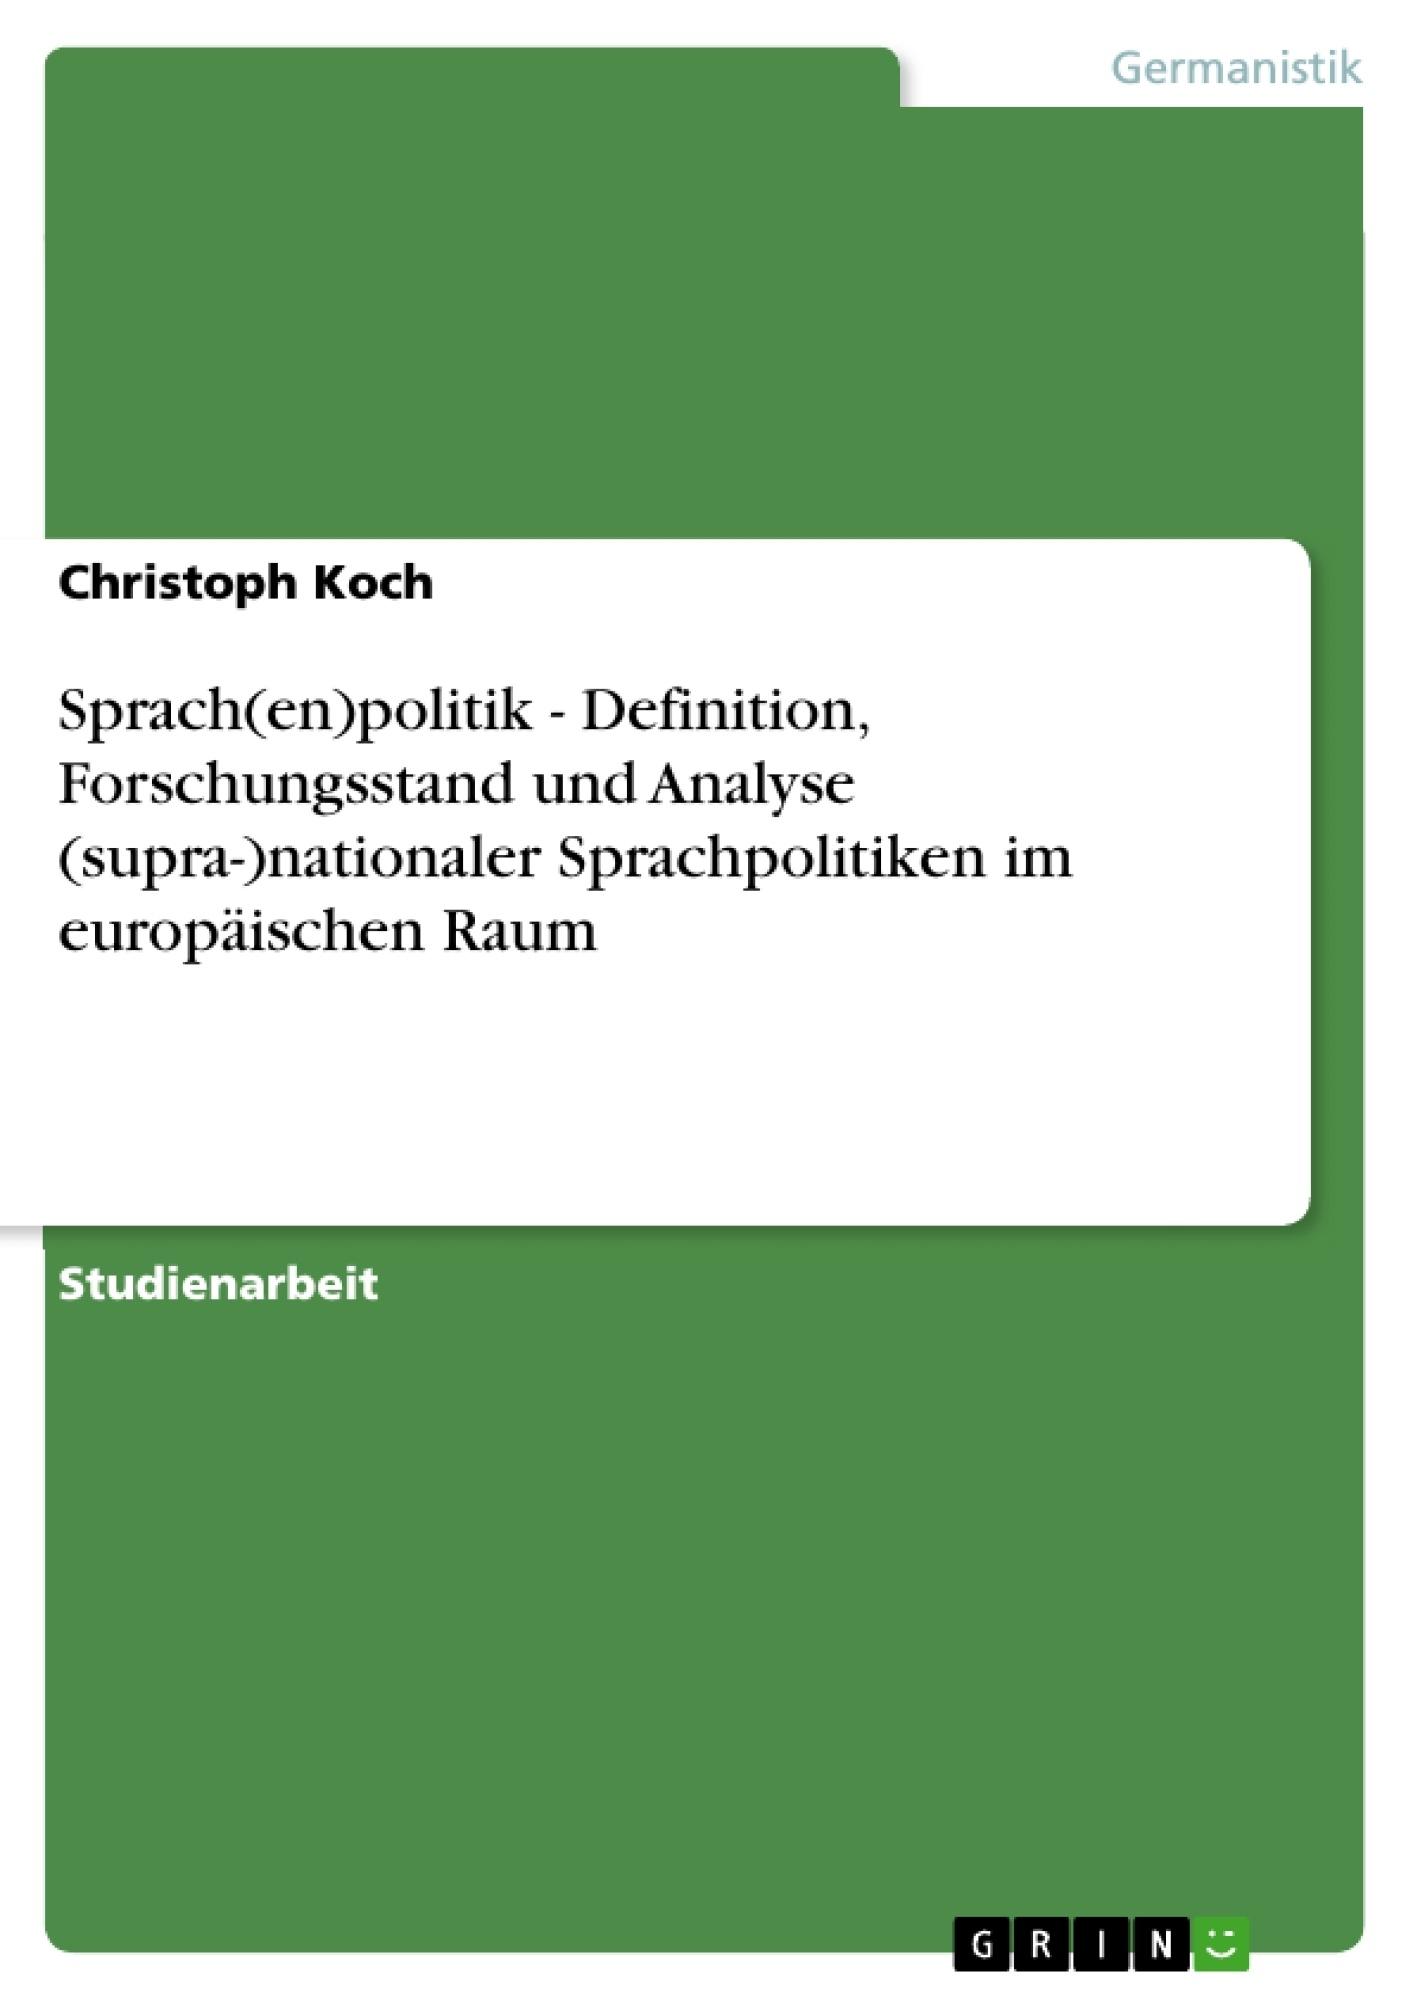 Titel: Sprach(en)politik - Definition, Forschungsstand und Analyse (supra-)nationaler Sprachpolitiken im europäischen Raum